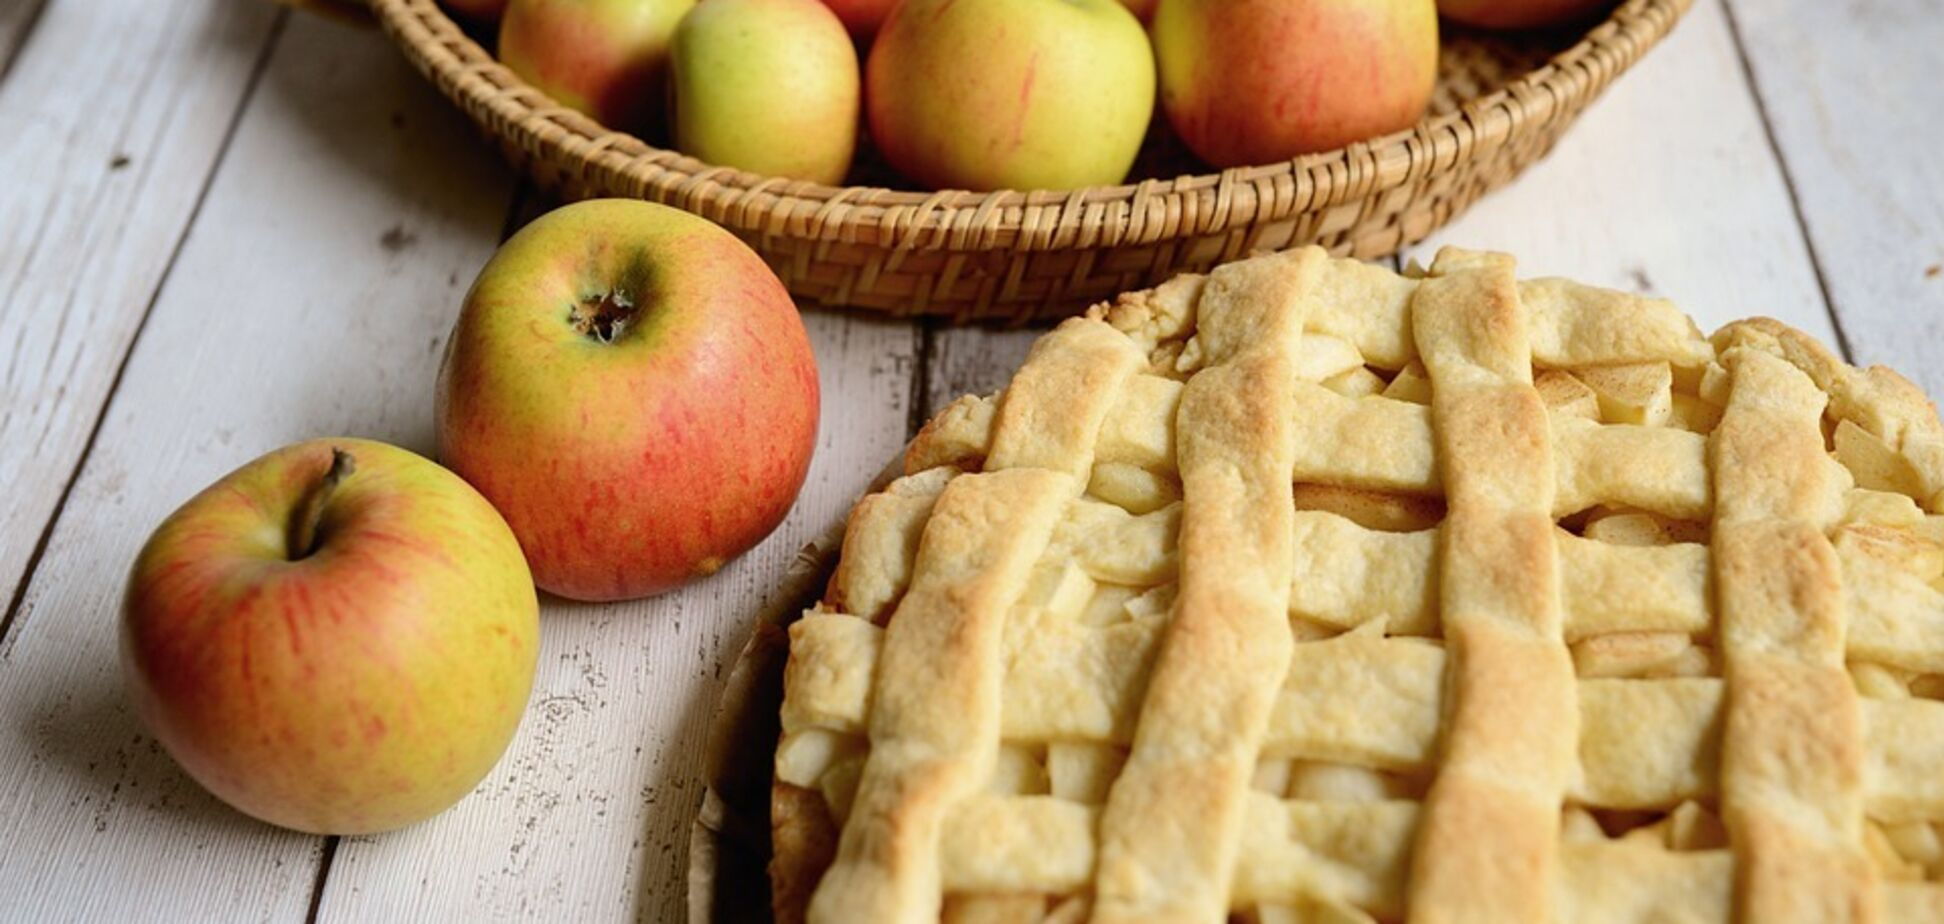 Яблочный пирог: популярные рецепты и секреты приготовления